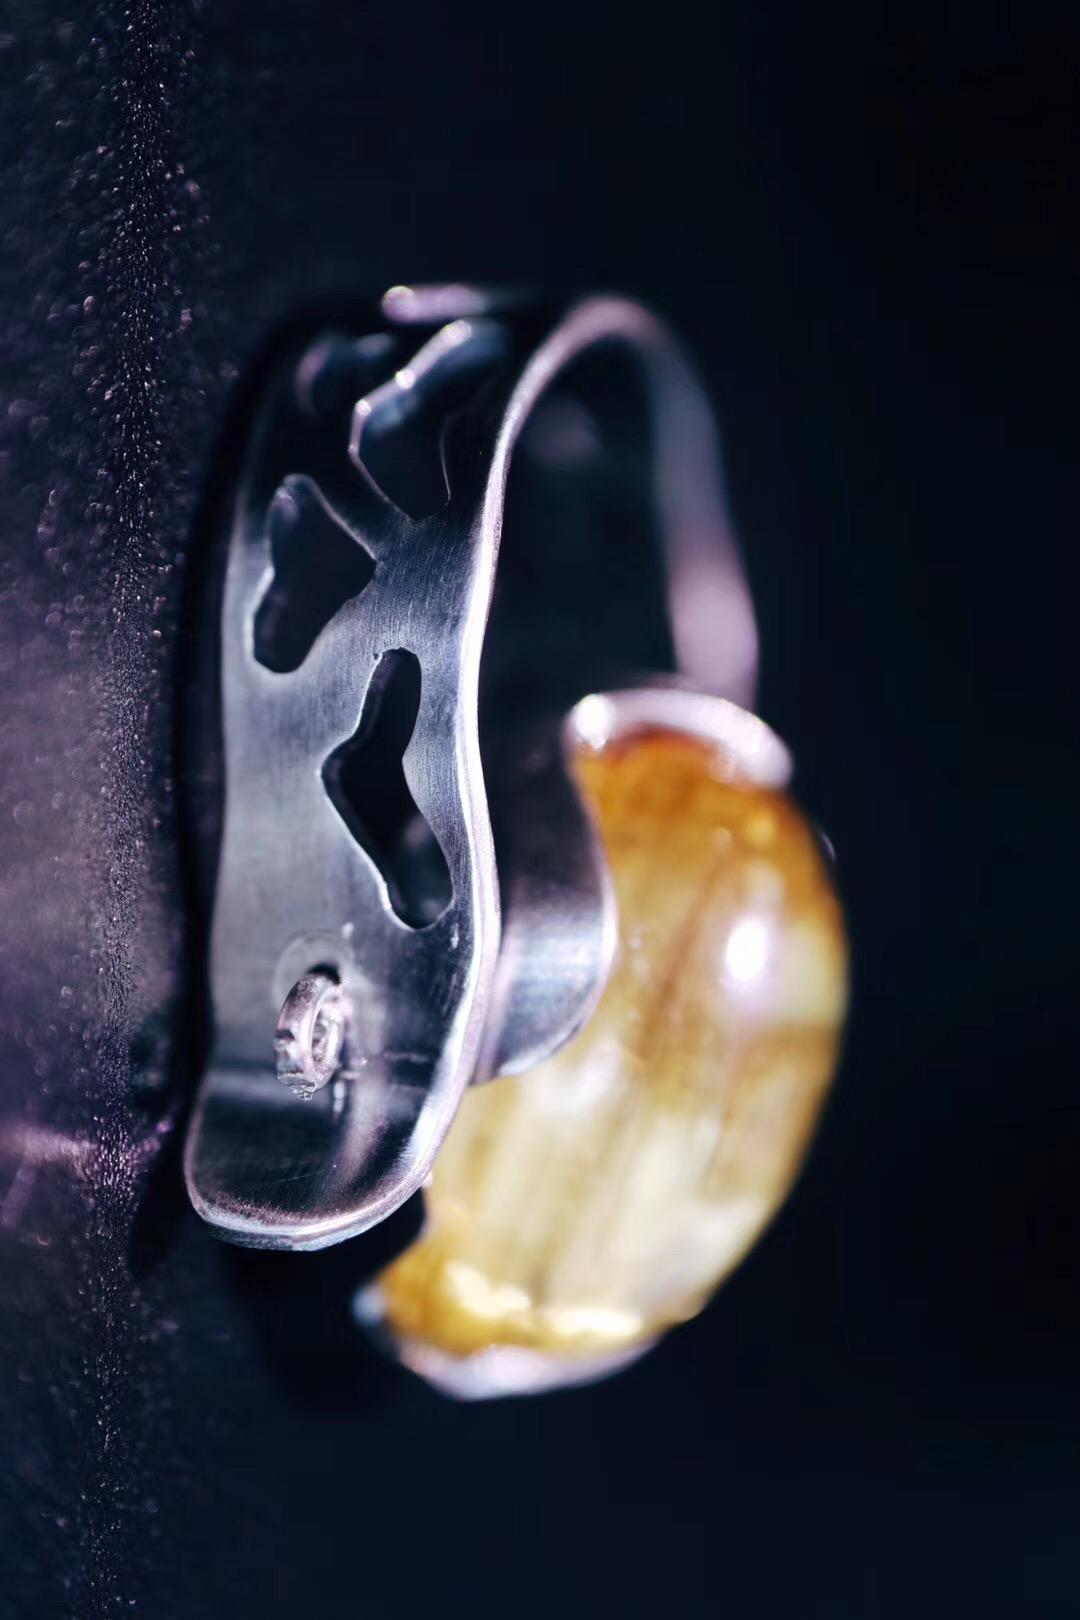 【菩心-钛晶】钛晶转运戒,转一转,他还可以是枚吊坠呢。-菩心晶舍